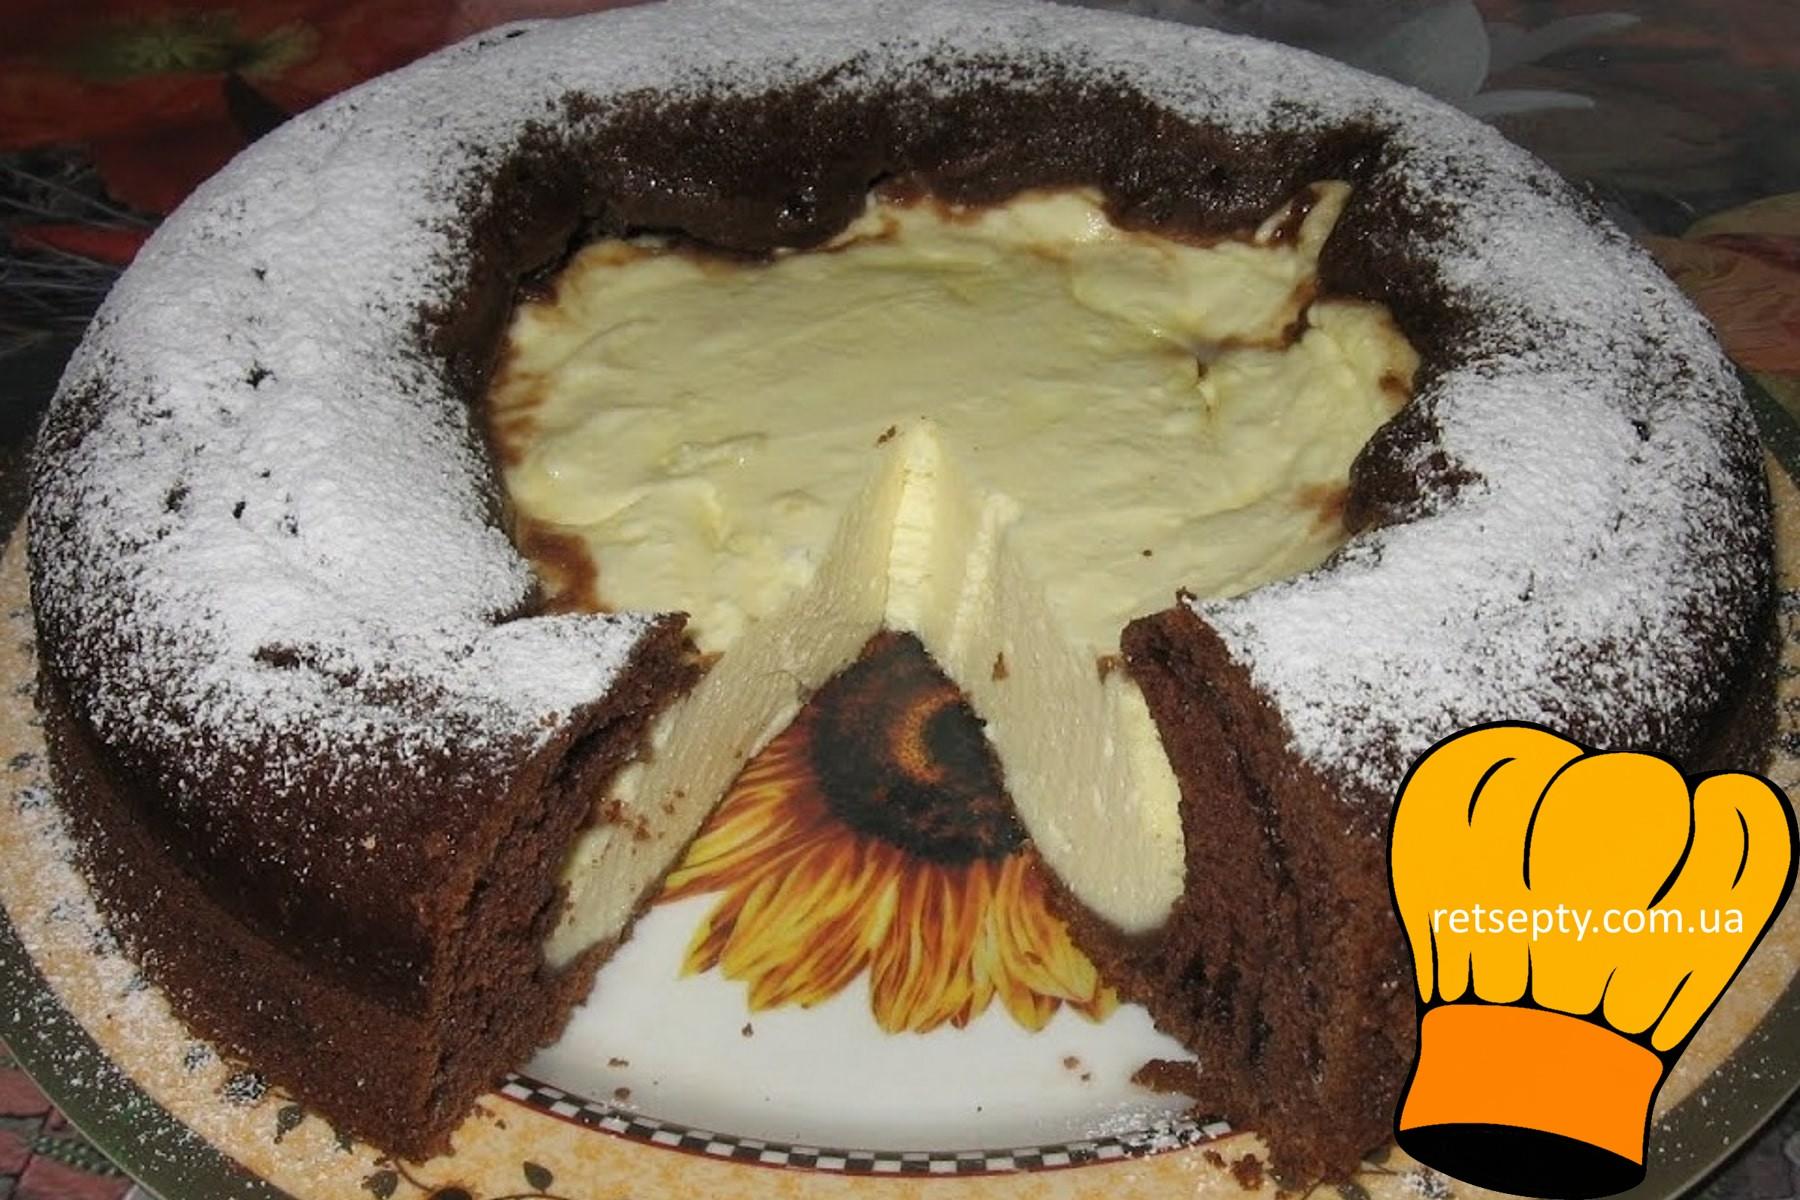 Сирний пиріг з вареним згущеним молоком